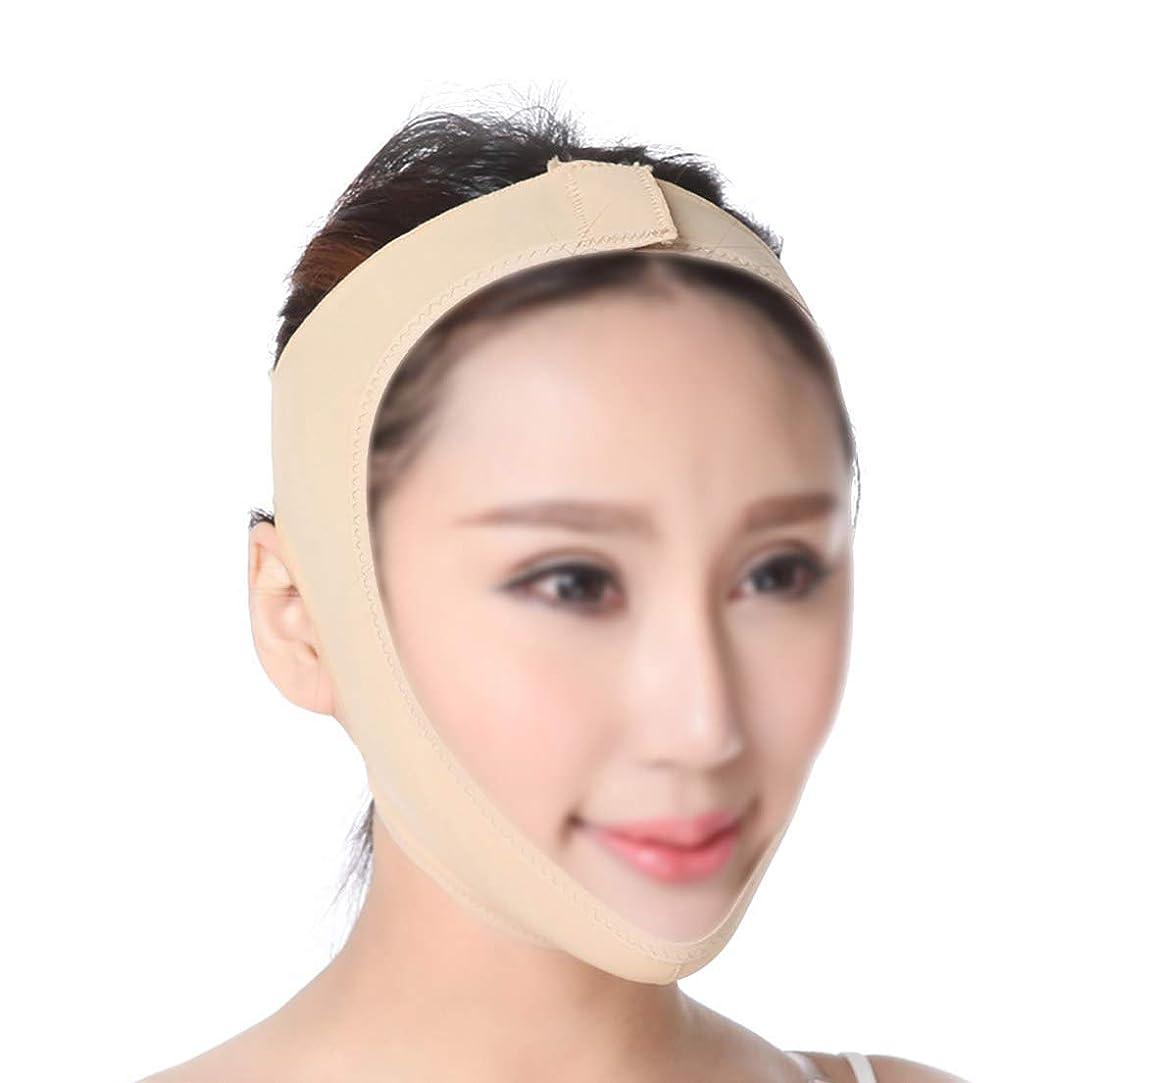 賭け以降根絶するフェイスリフティング包帯、フェイシャル減量アンチシワケアフェイスリフトで肌を引き締め、二重あごを効果的に改善し、V字型の顔になります(サイズ:S),Xl